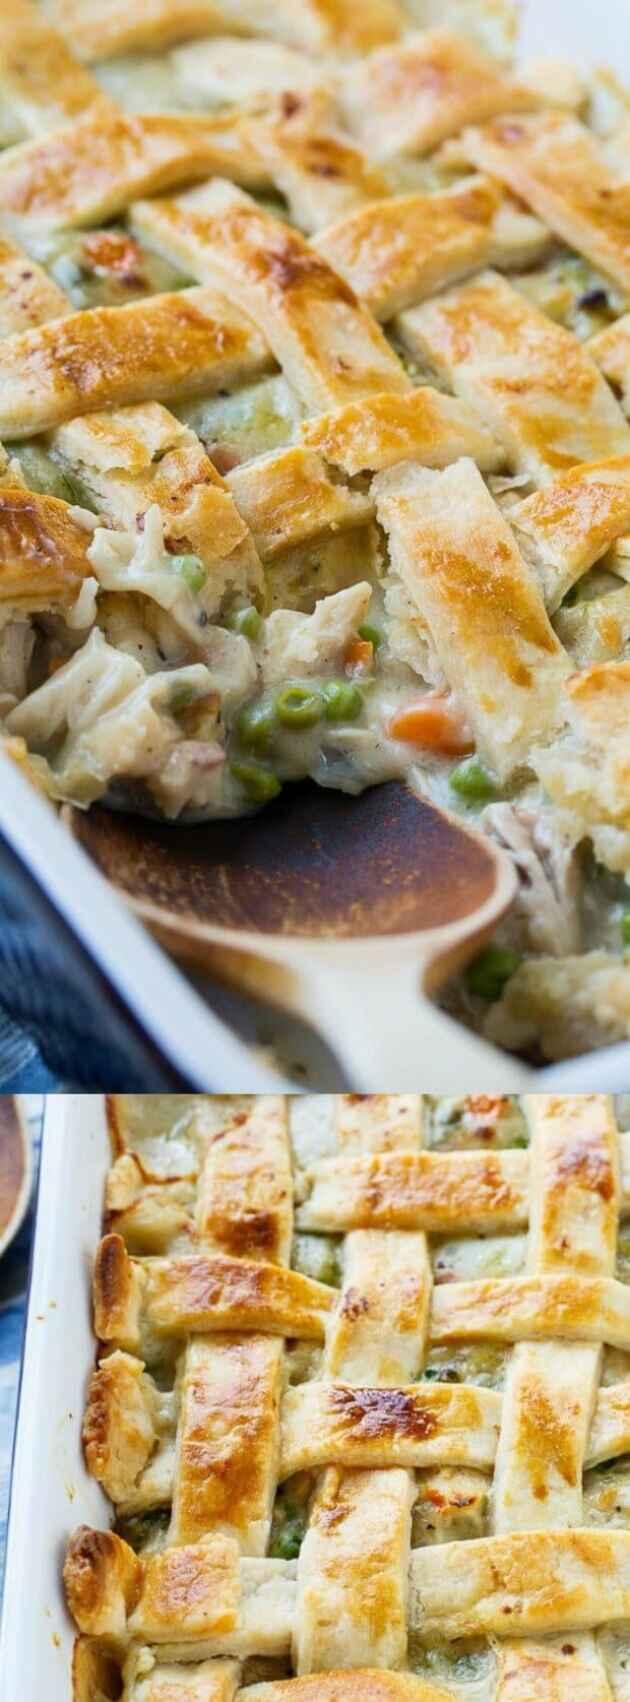 Chicken Pot Pie with Lattice Top